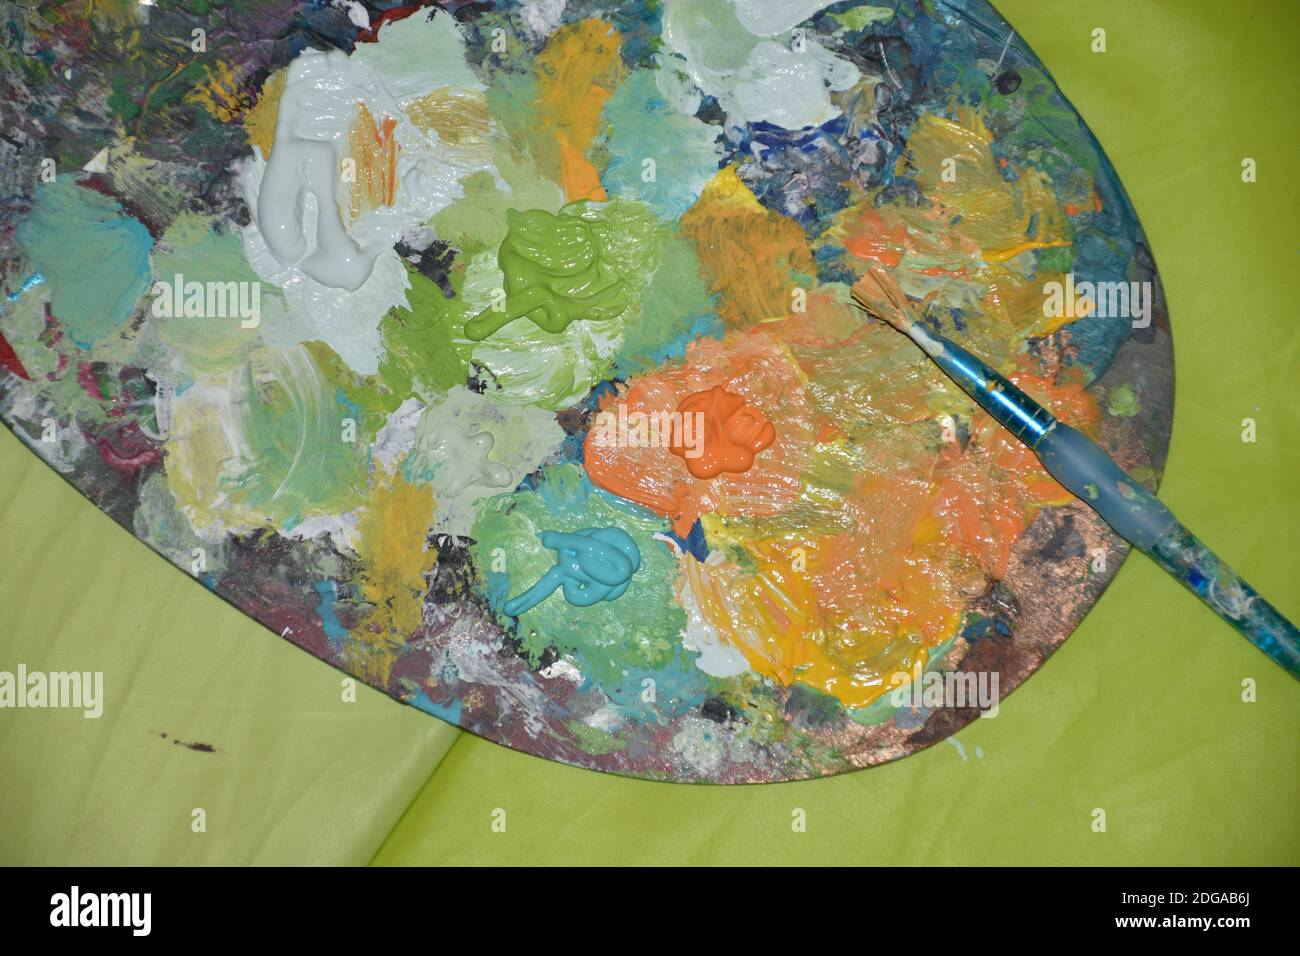 Farbe, Pinsel, Bunt, Holz, Farbtafel, Wasserfarben, Aquarell, Aquarellfarben, malen, Kunst, künstlerisch, Kultur, mischen, bunt, grün, weiß, gelb, Kle Stock Photo